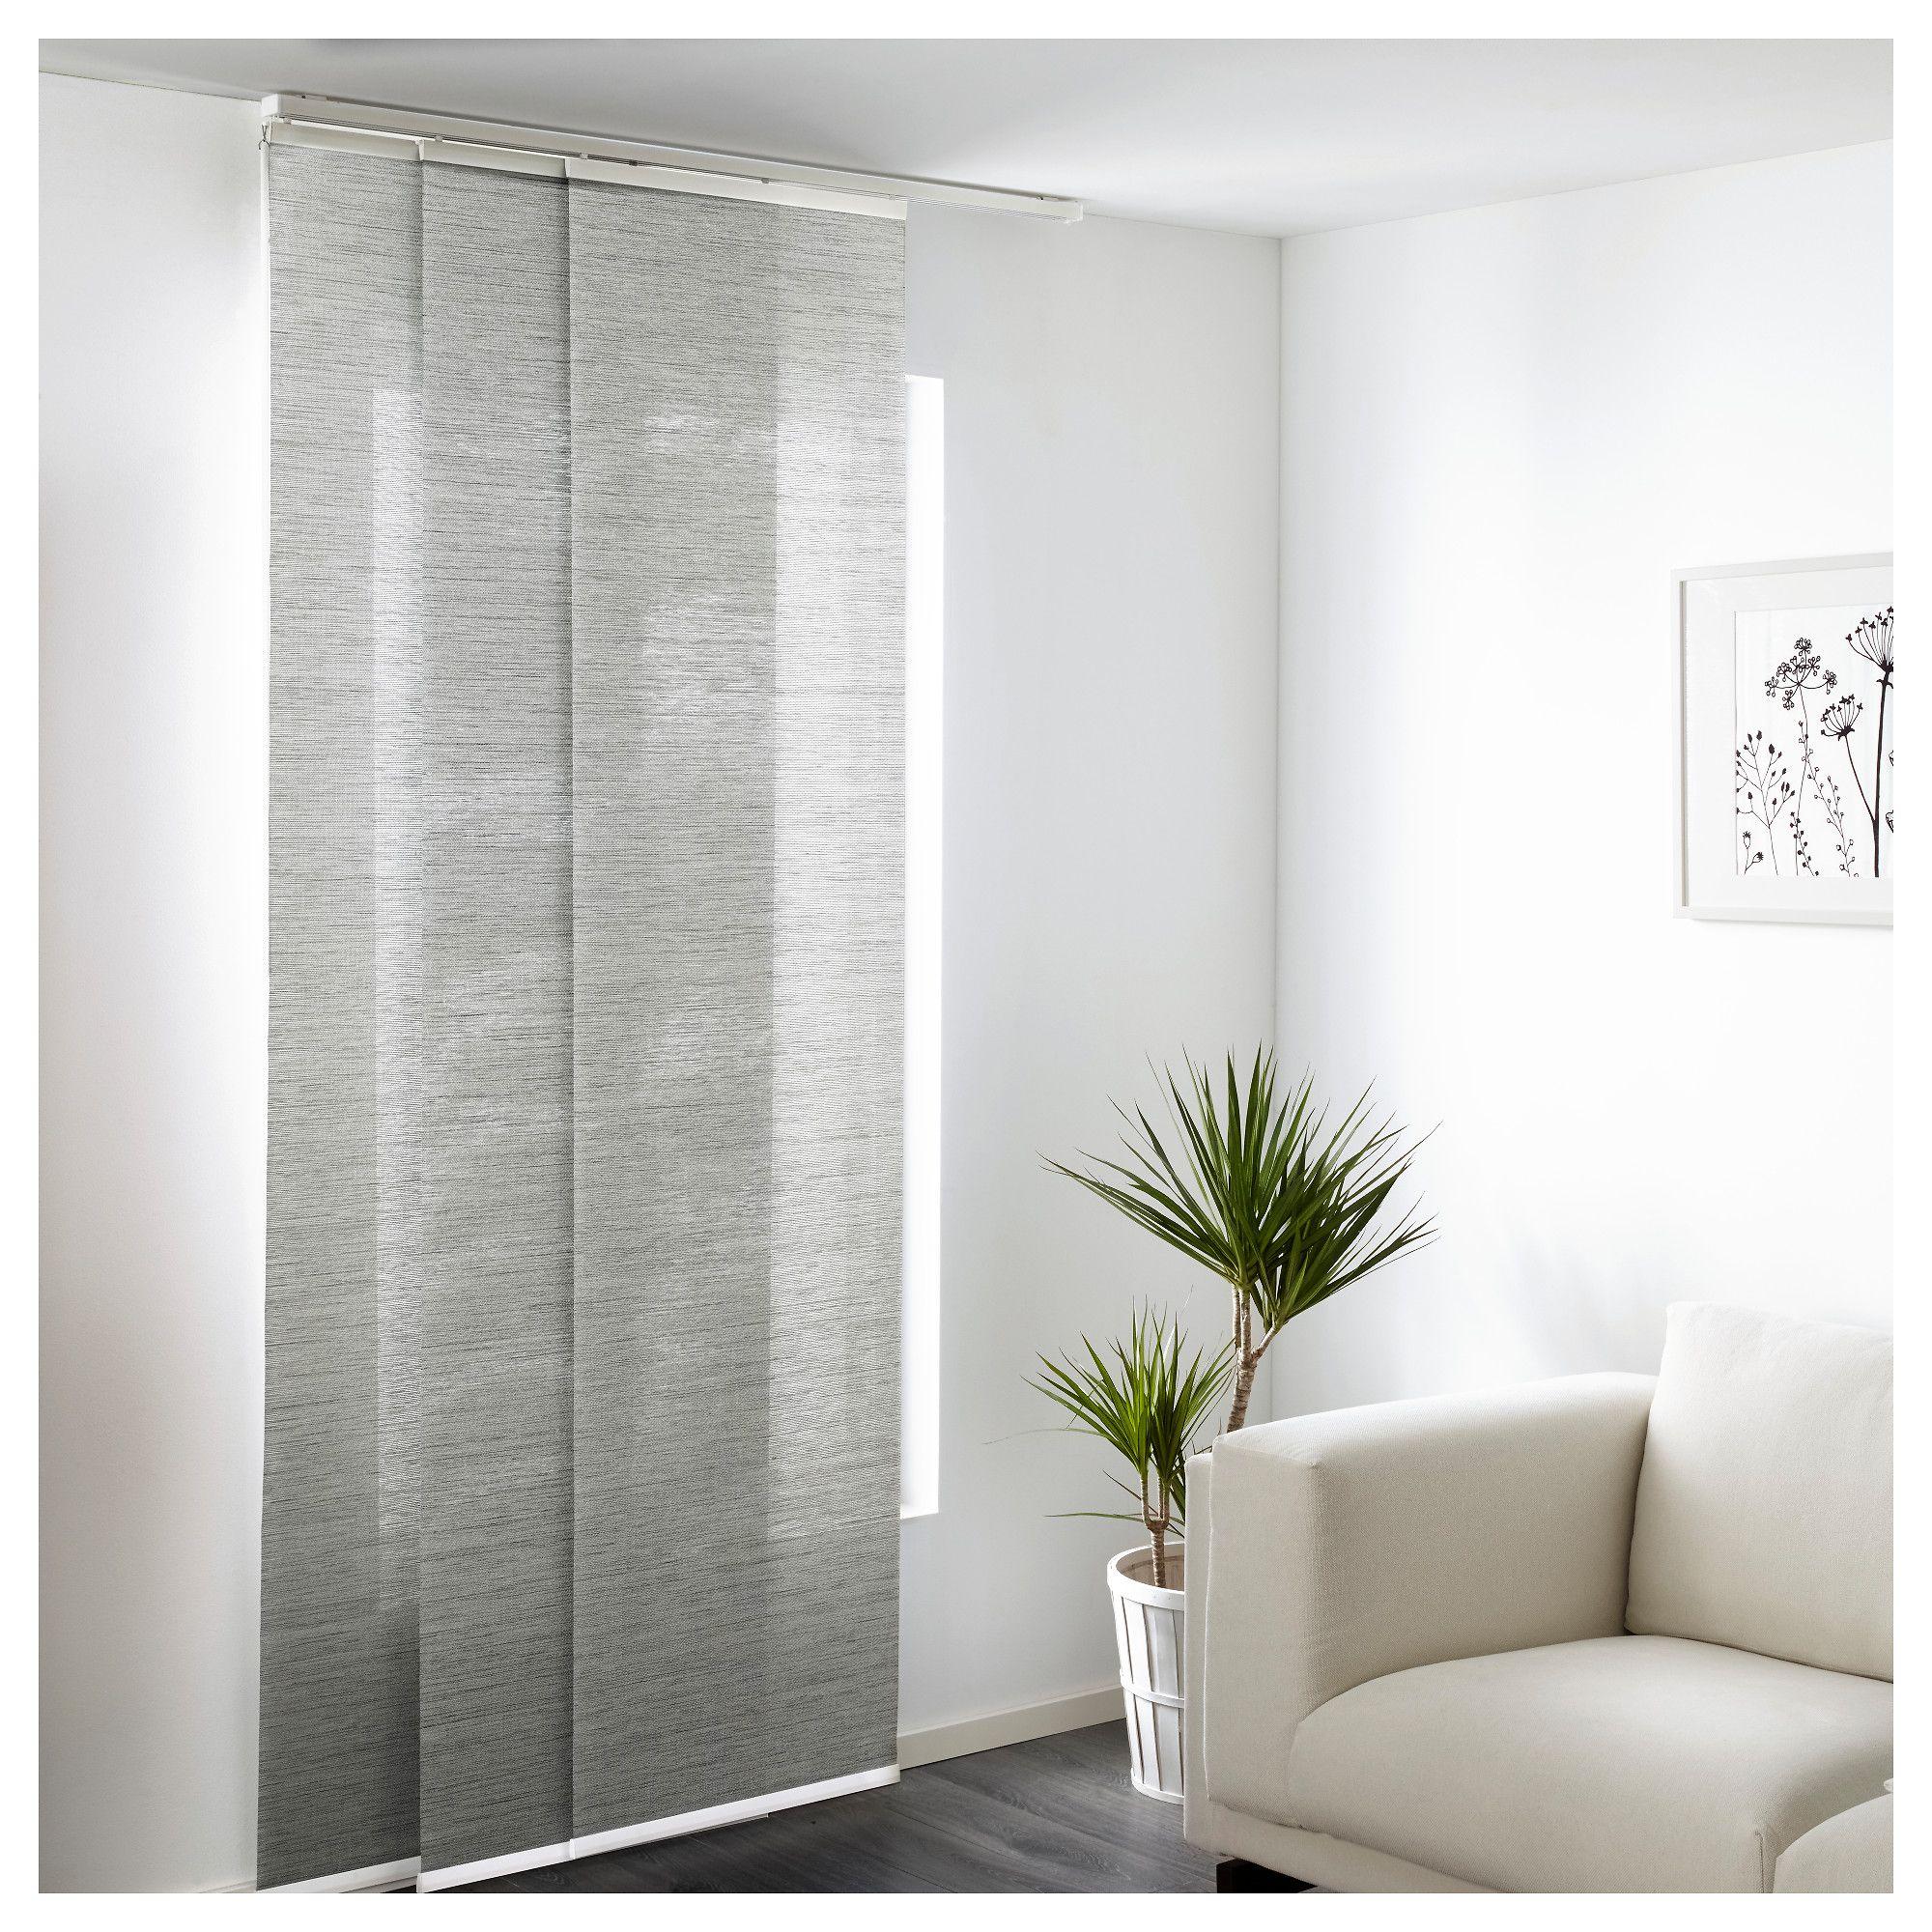 IKEA ANNO SANELA panel curtain